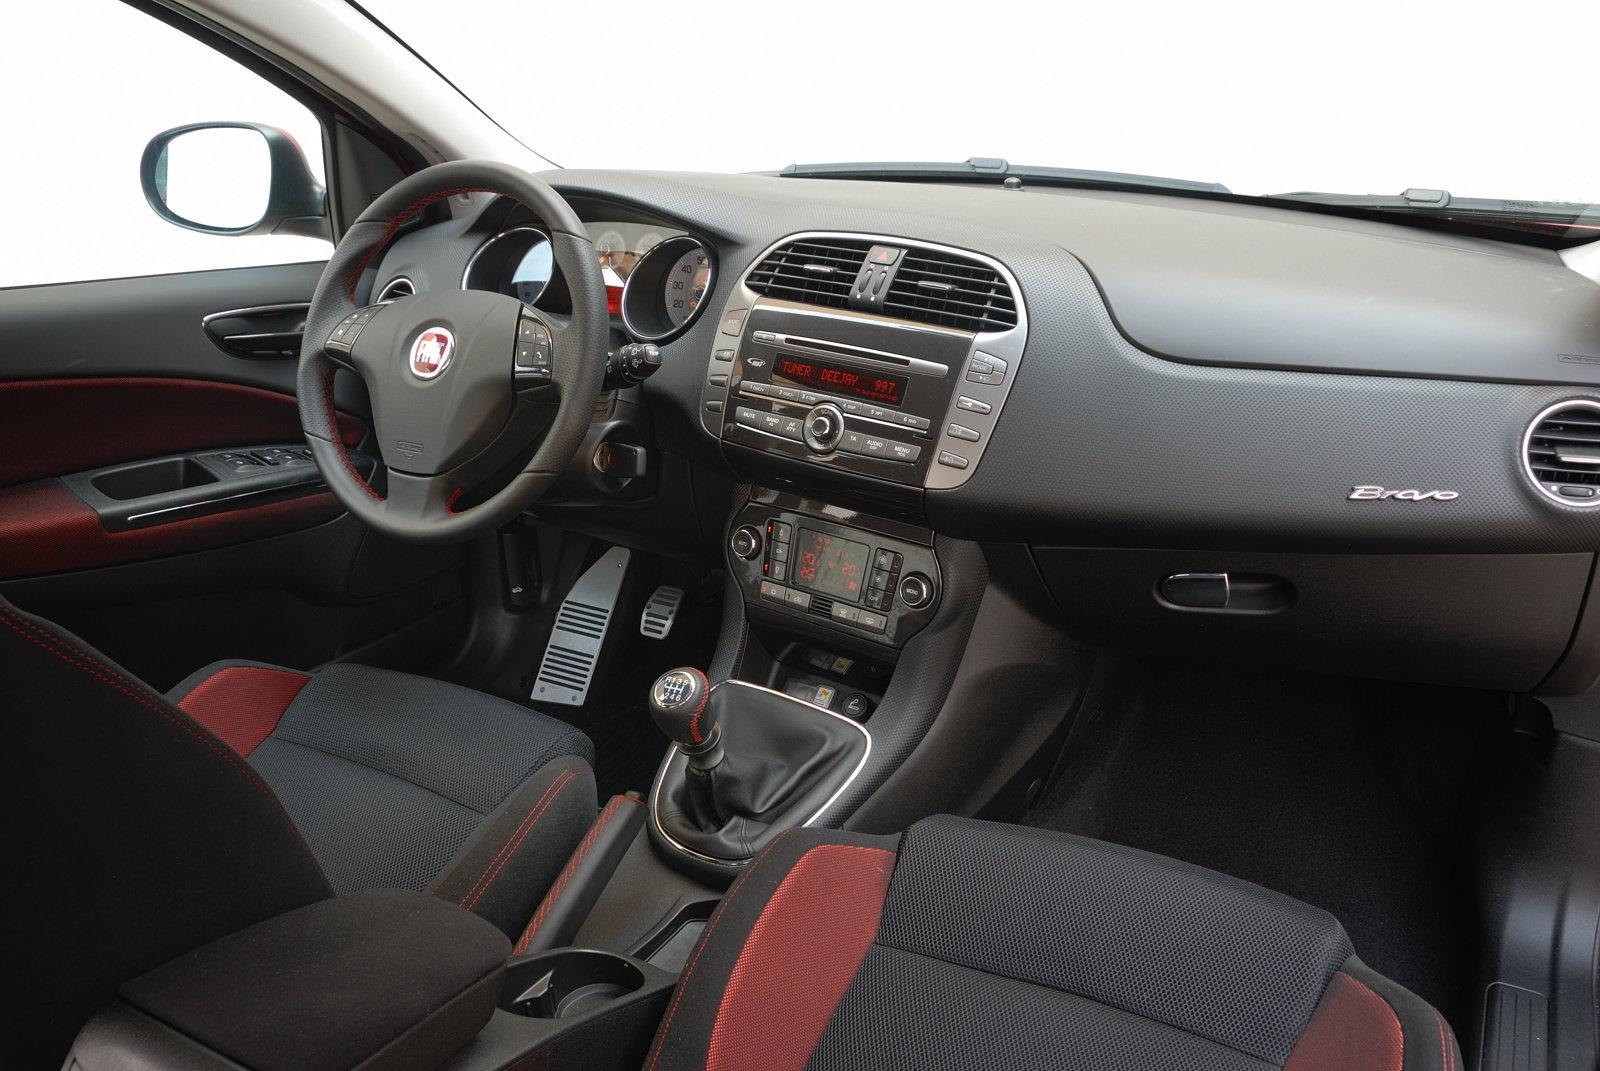 Prova Fiat Bravo Scheda Tecnica Opinioni E Dimensioni 1 4 T Jet 16v 150 Cv Sport